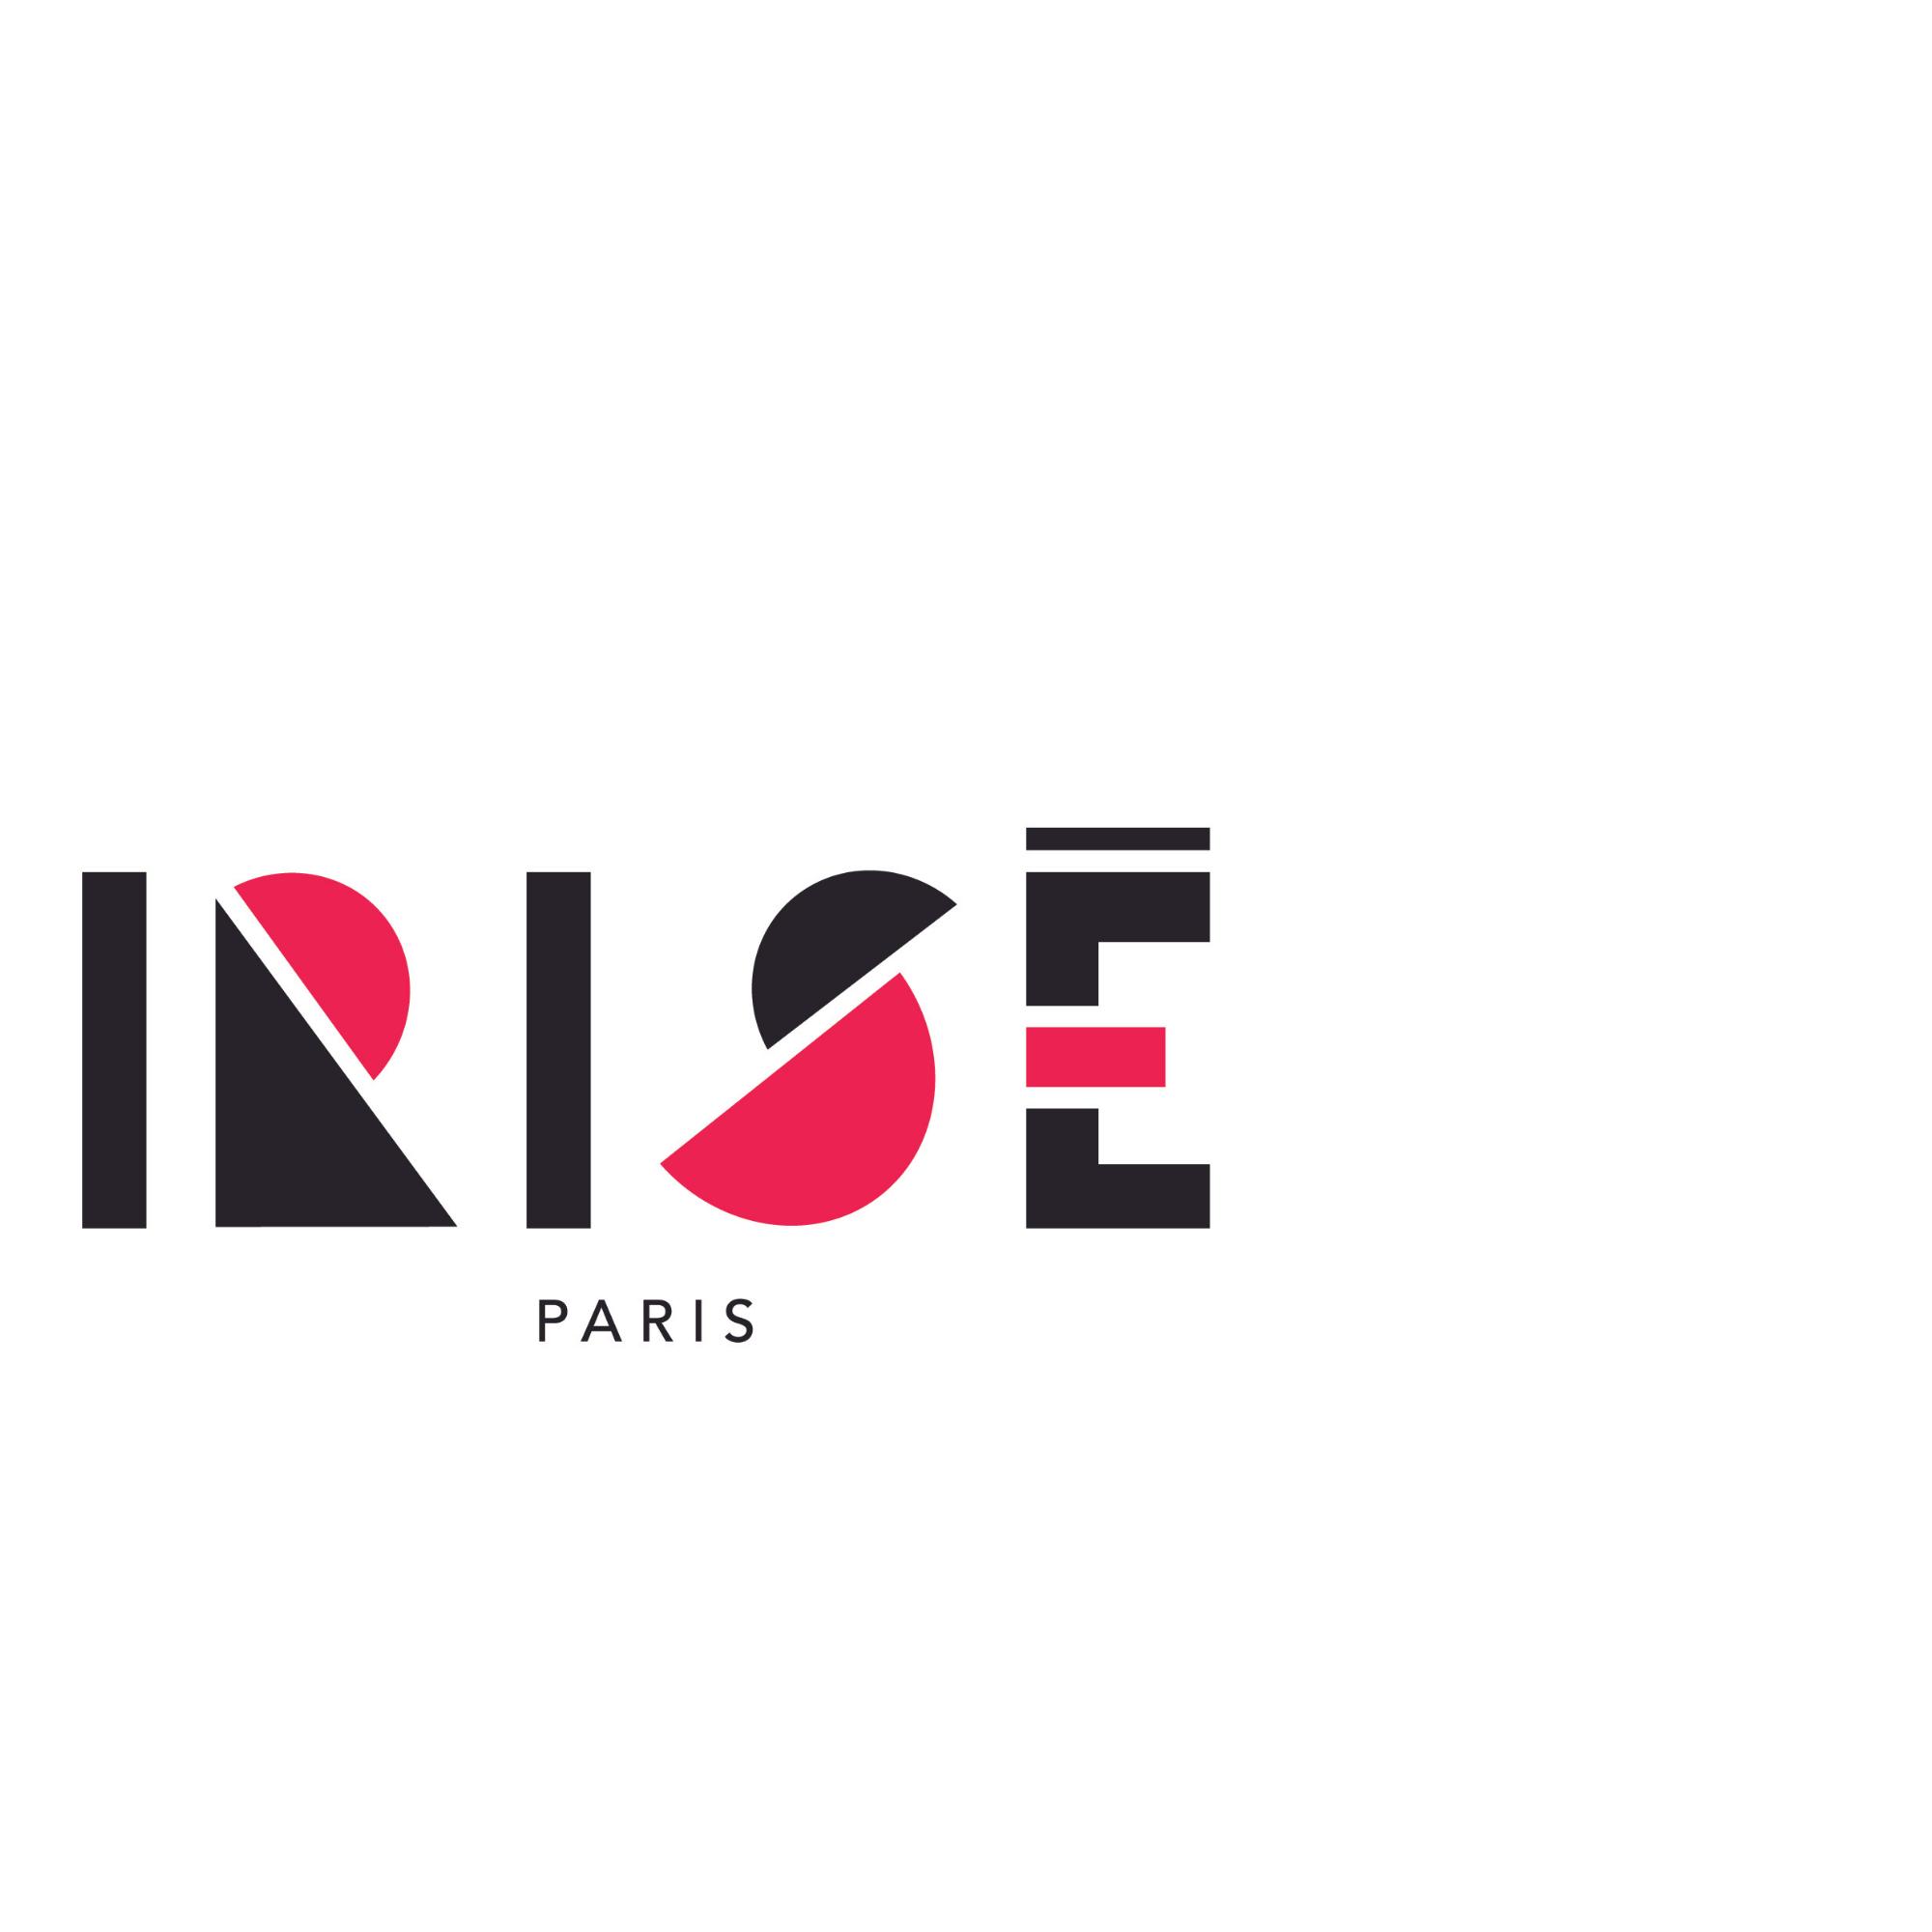 IRISÉ PARIS